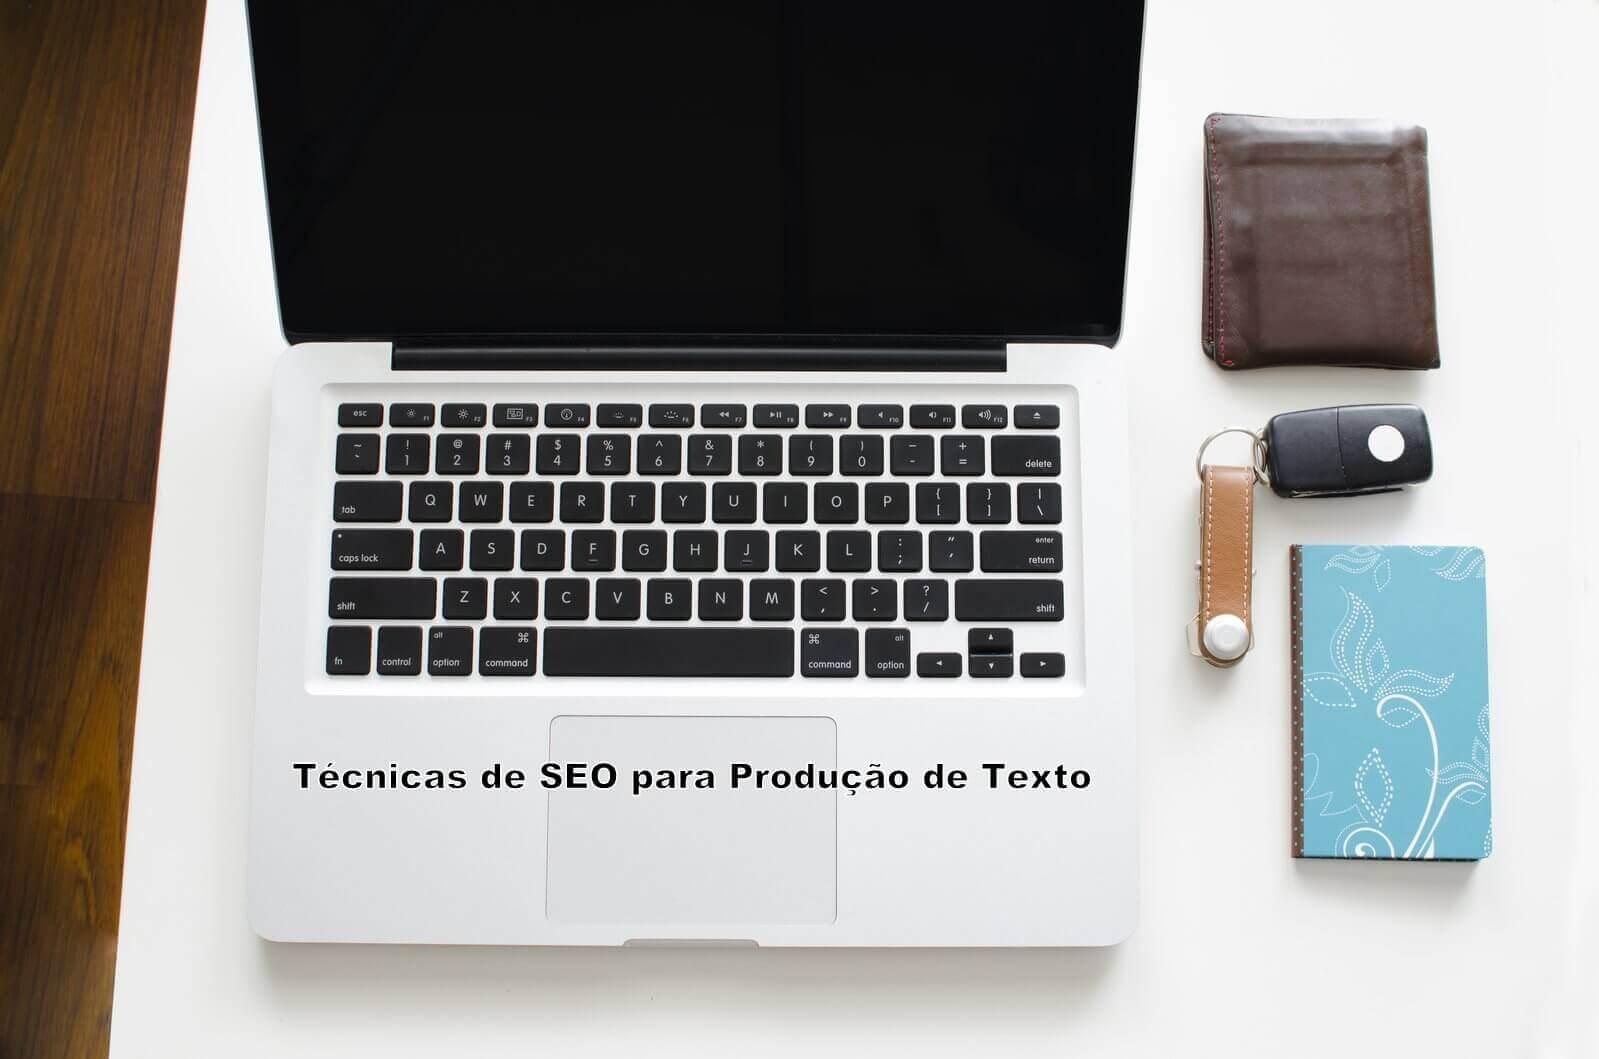 Técnicas de SEO e Produção de Texto – Passo a Passo SEO